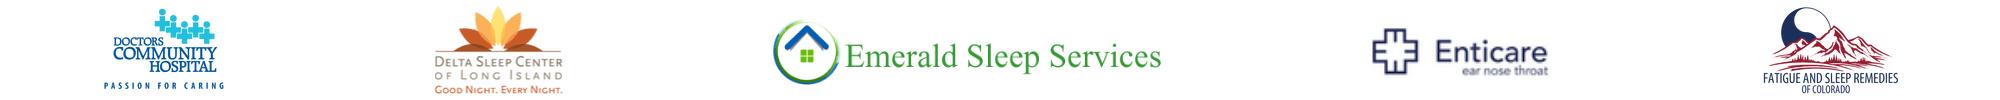 Customer Logos - Slide 5.png